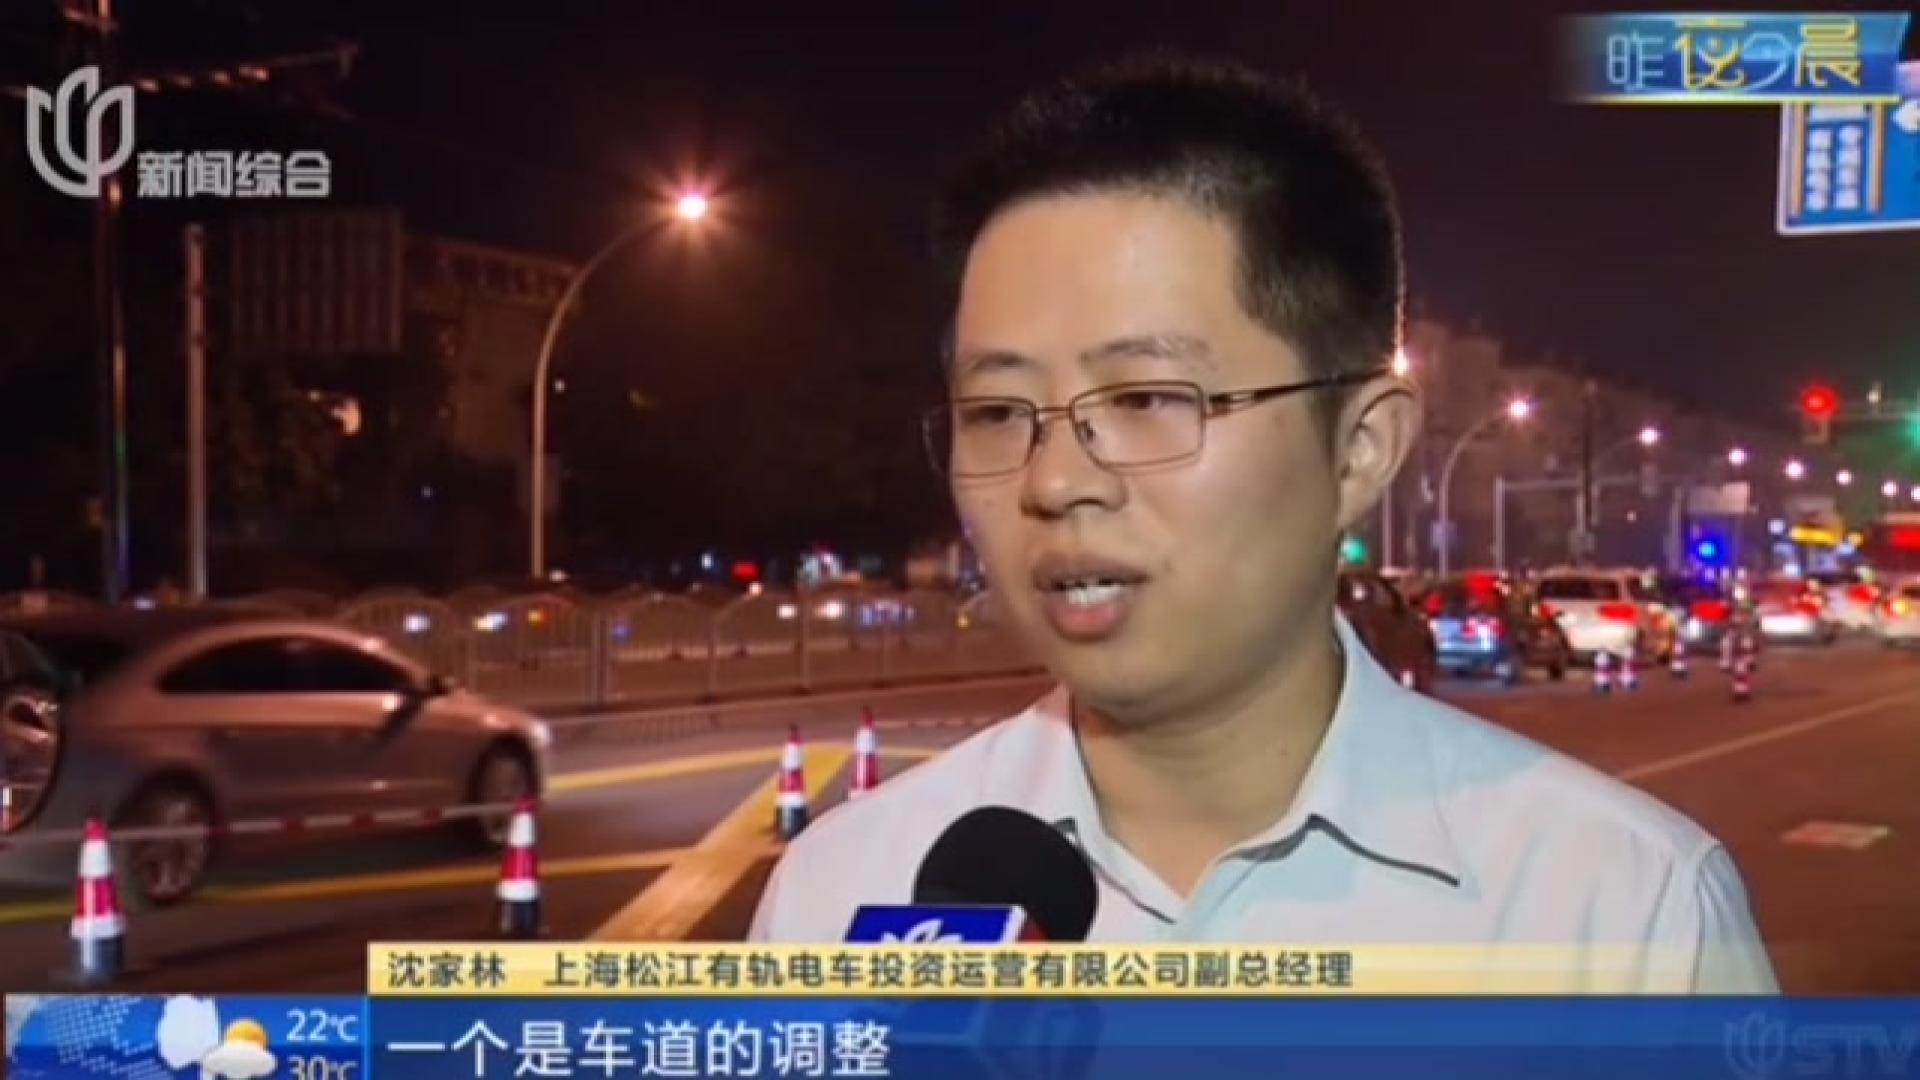 松江区荣乐路左转弯车道改道完成  今早正式启用